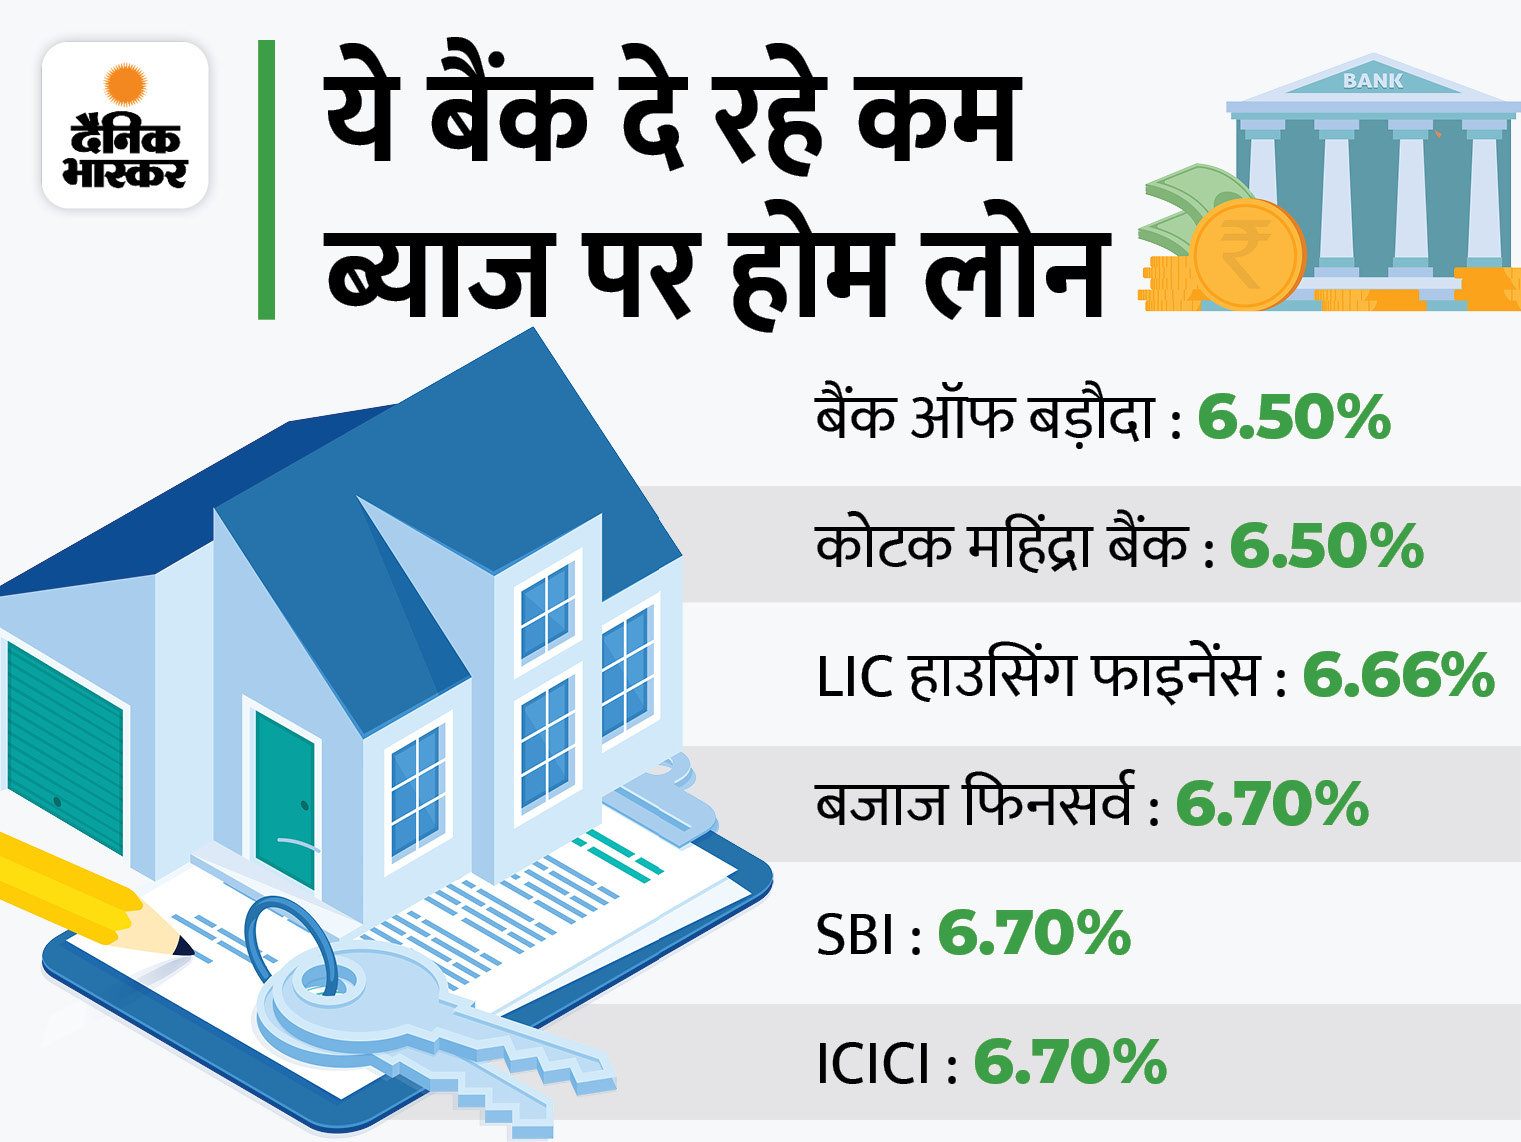 बजाज फिनसर्व ने होम लोन की ब्याज दर में कटौती की, अब 6.70% ब्याज पर मिलेगा 5 करोड़ तक का कर्ज बिजनेस,Business - Dainik Bhaskar